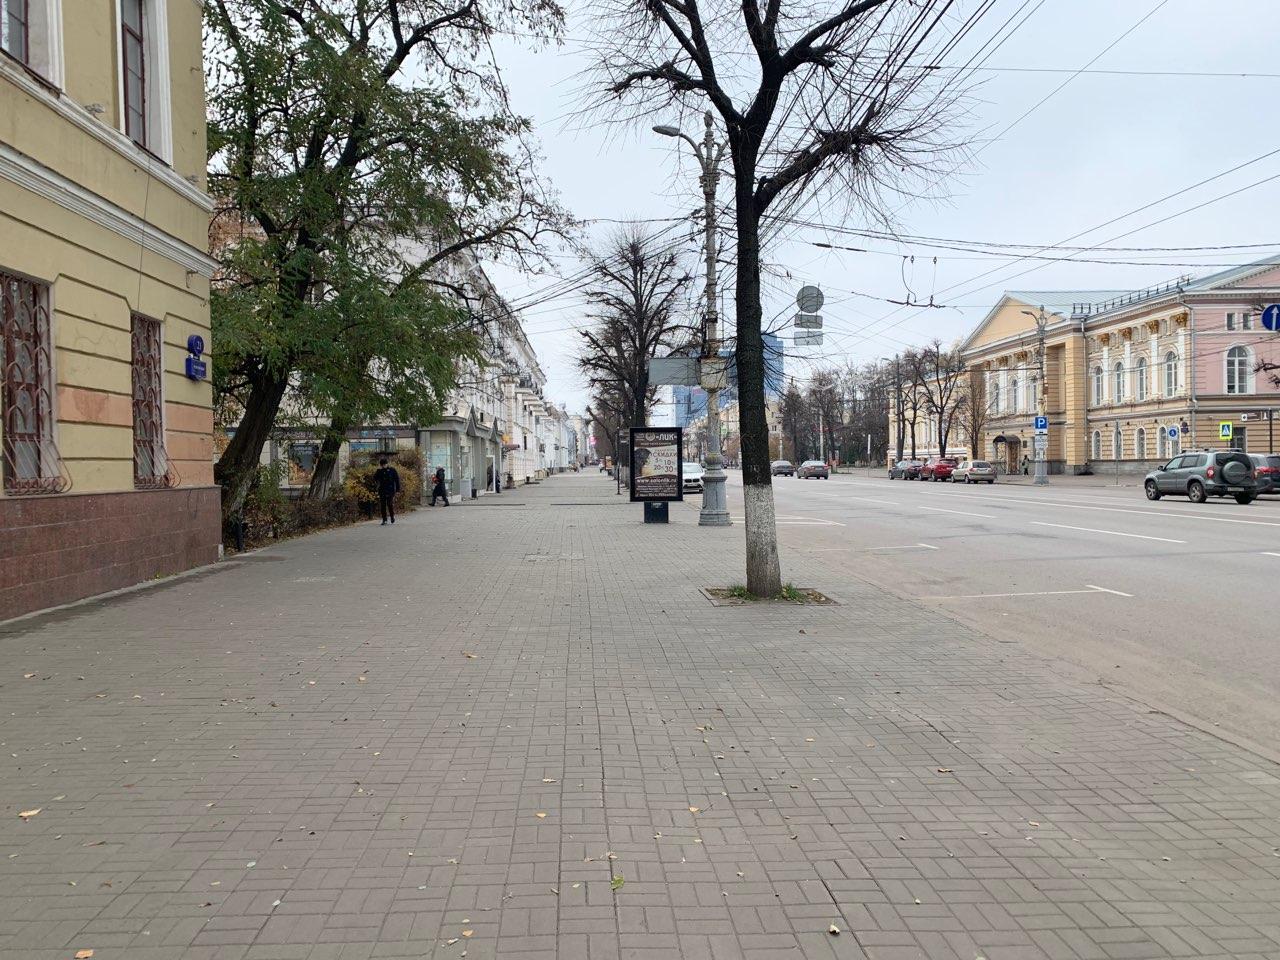 Город-анахронизм: урбанист Илья Бейлин уверен, что застройщики Воронежа работают по нормам «предыдущего поколения»